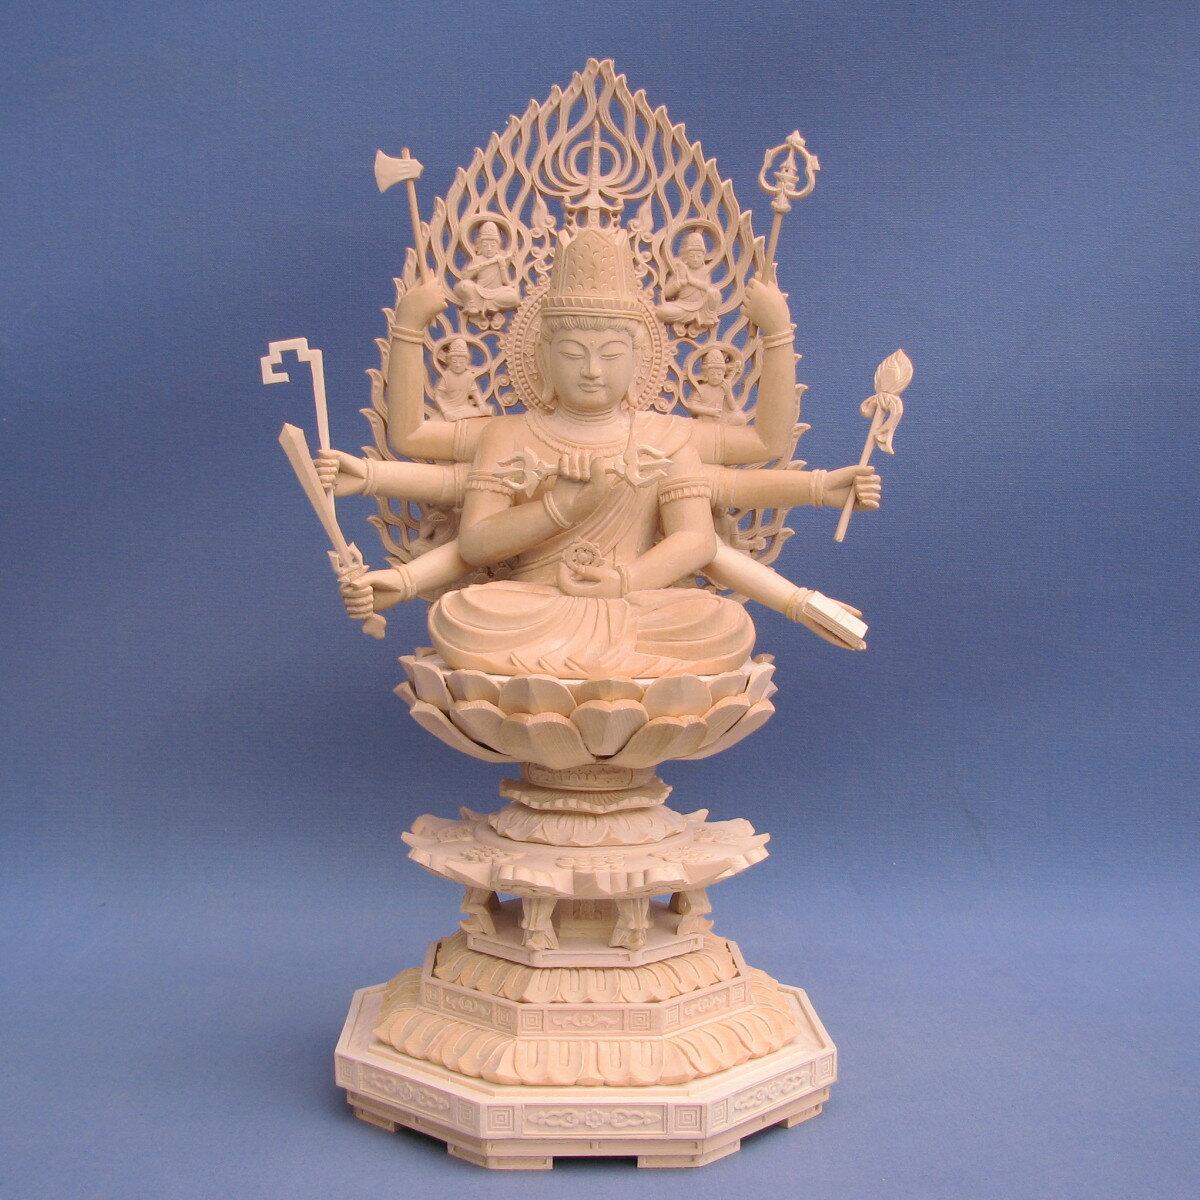 仏像 大随求菩薩 3.0寸 飛天光背 八角台 桧木